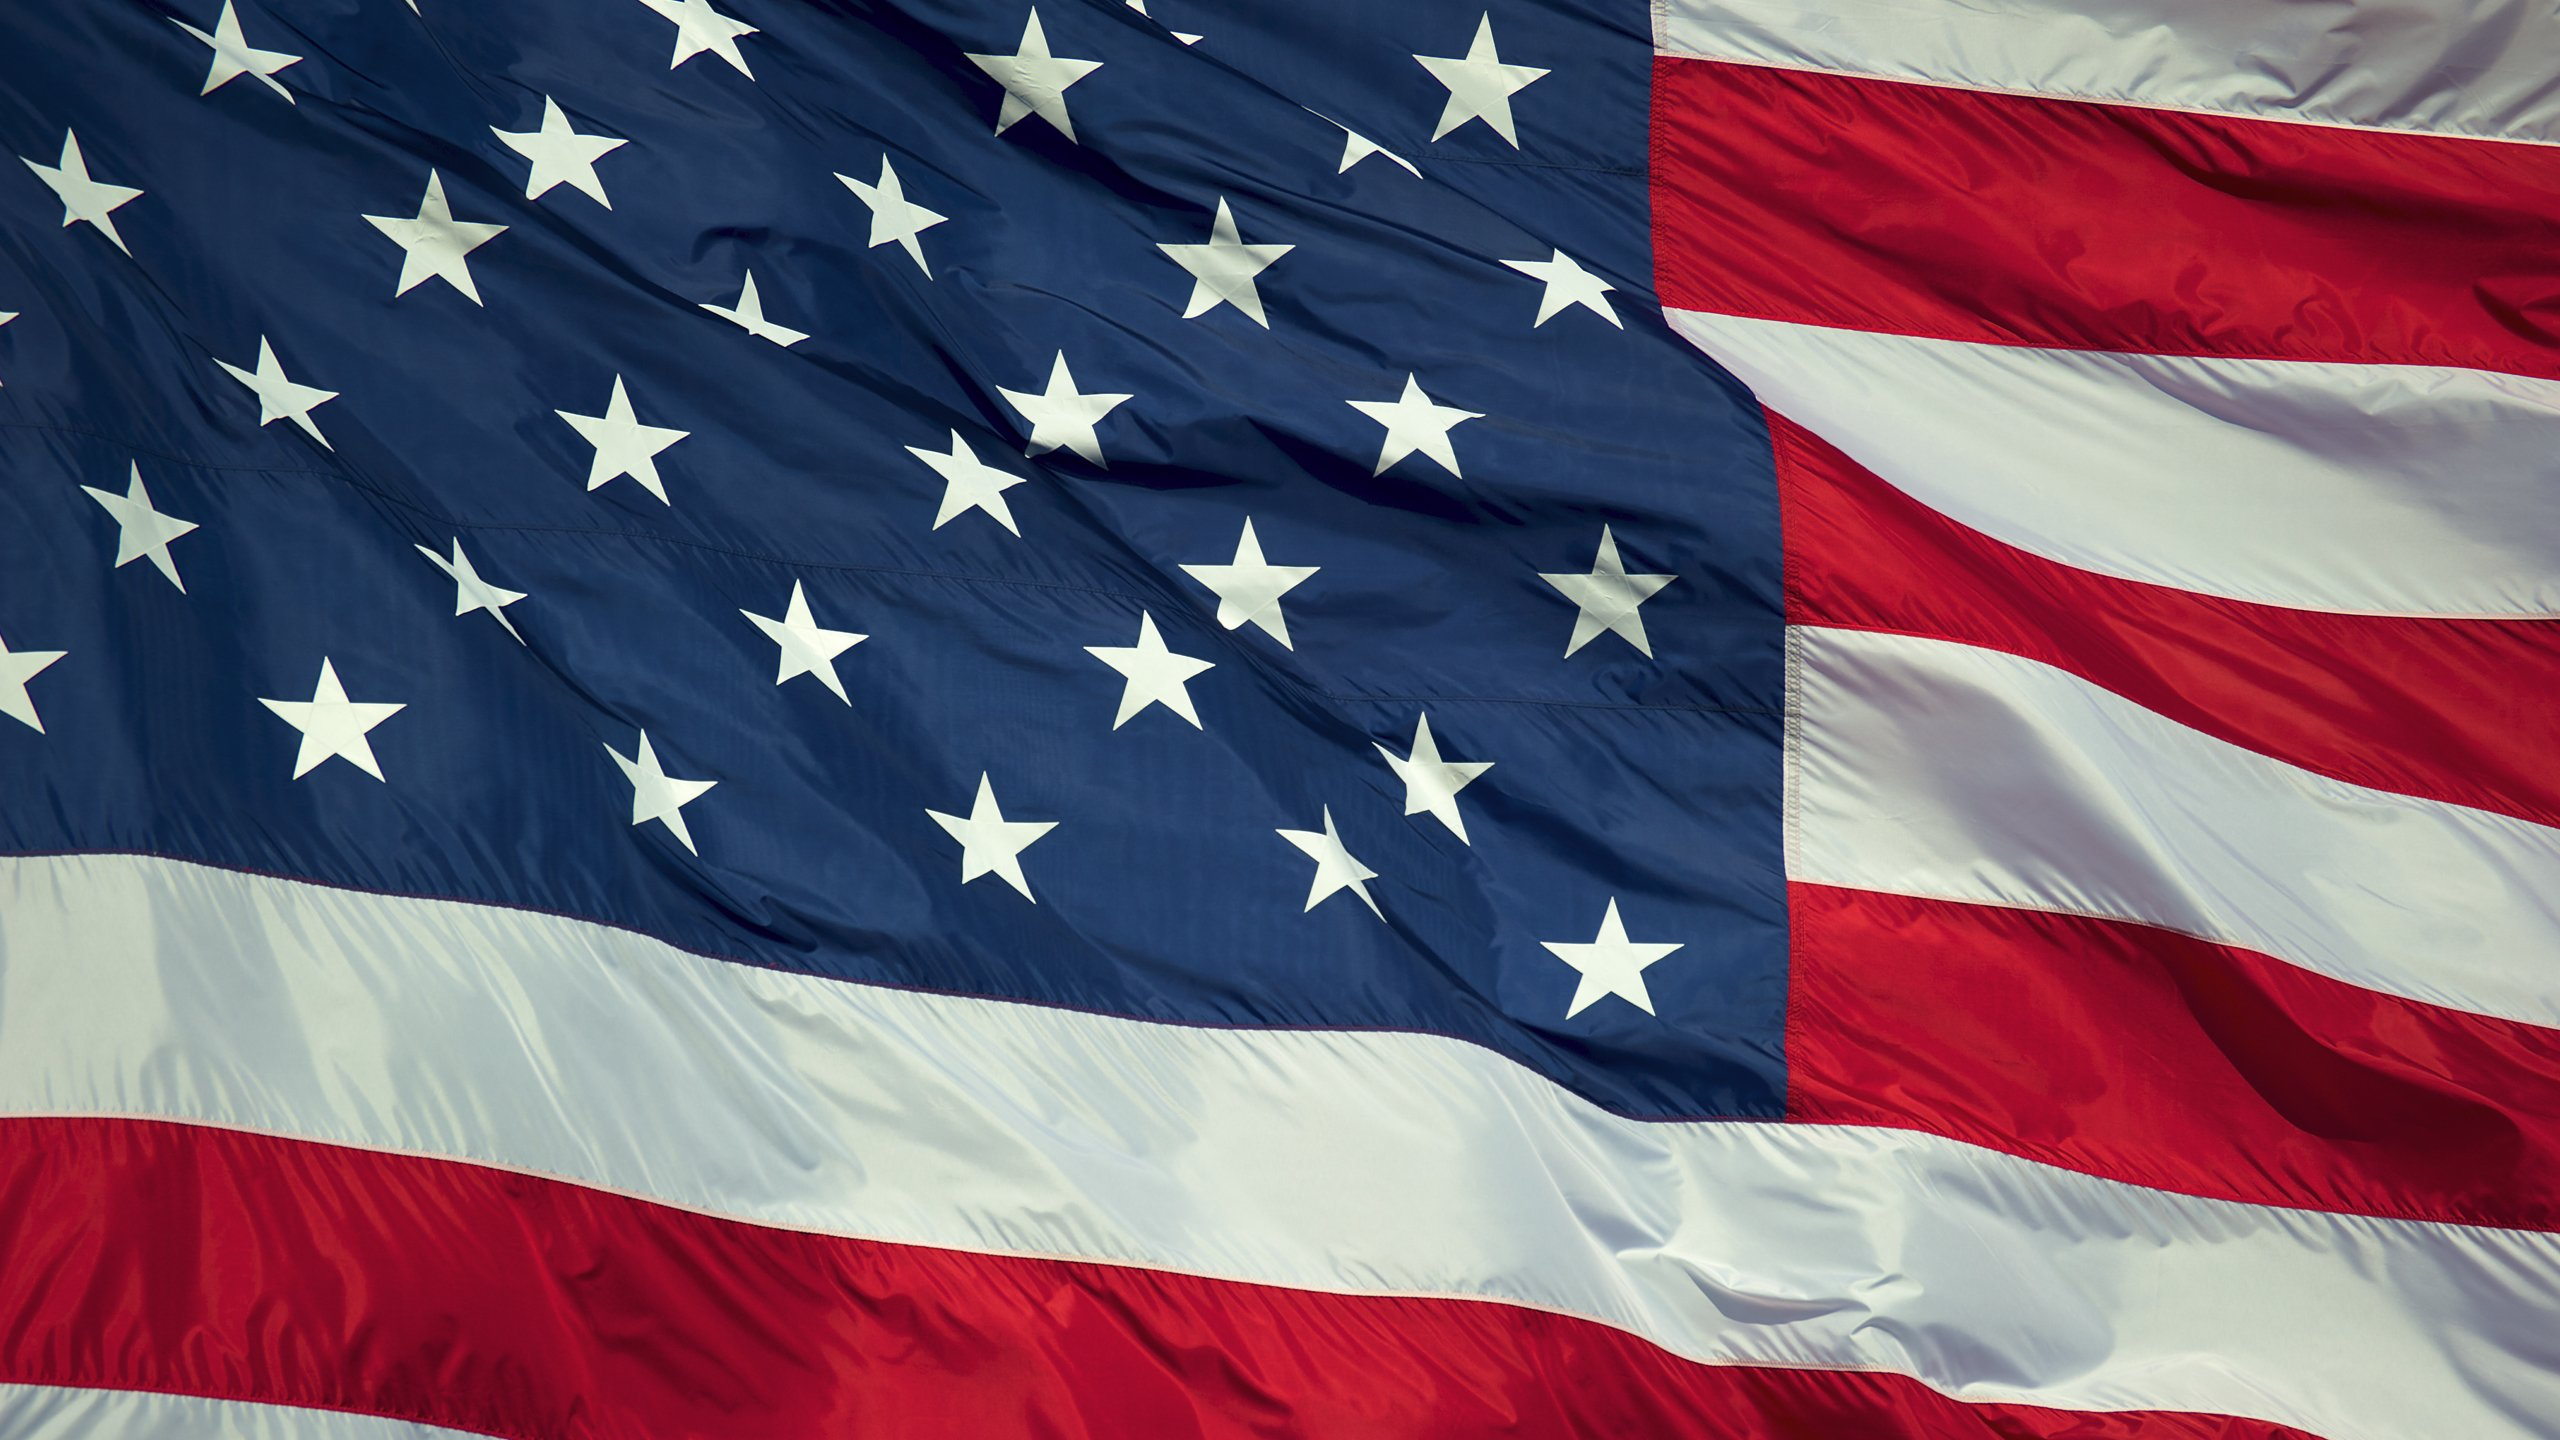 Bandera Estados Unidos Norte America Wallpaper 2560x1440